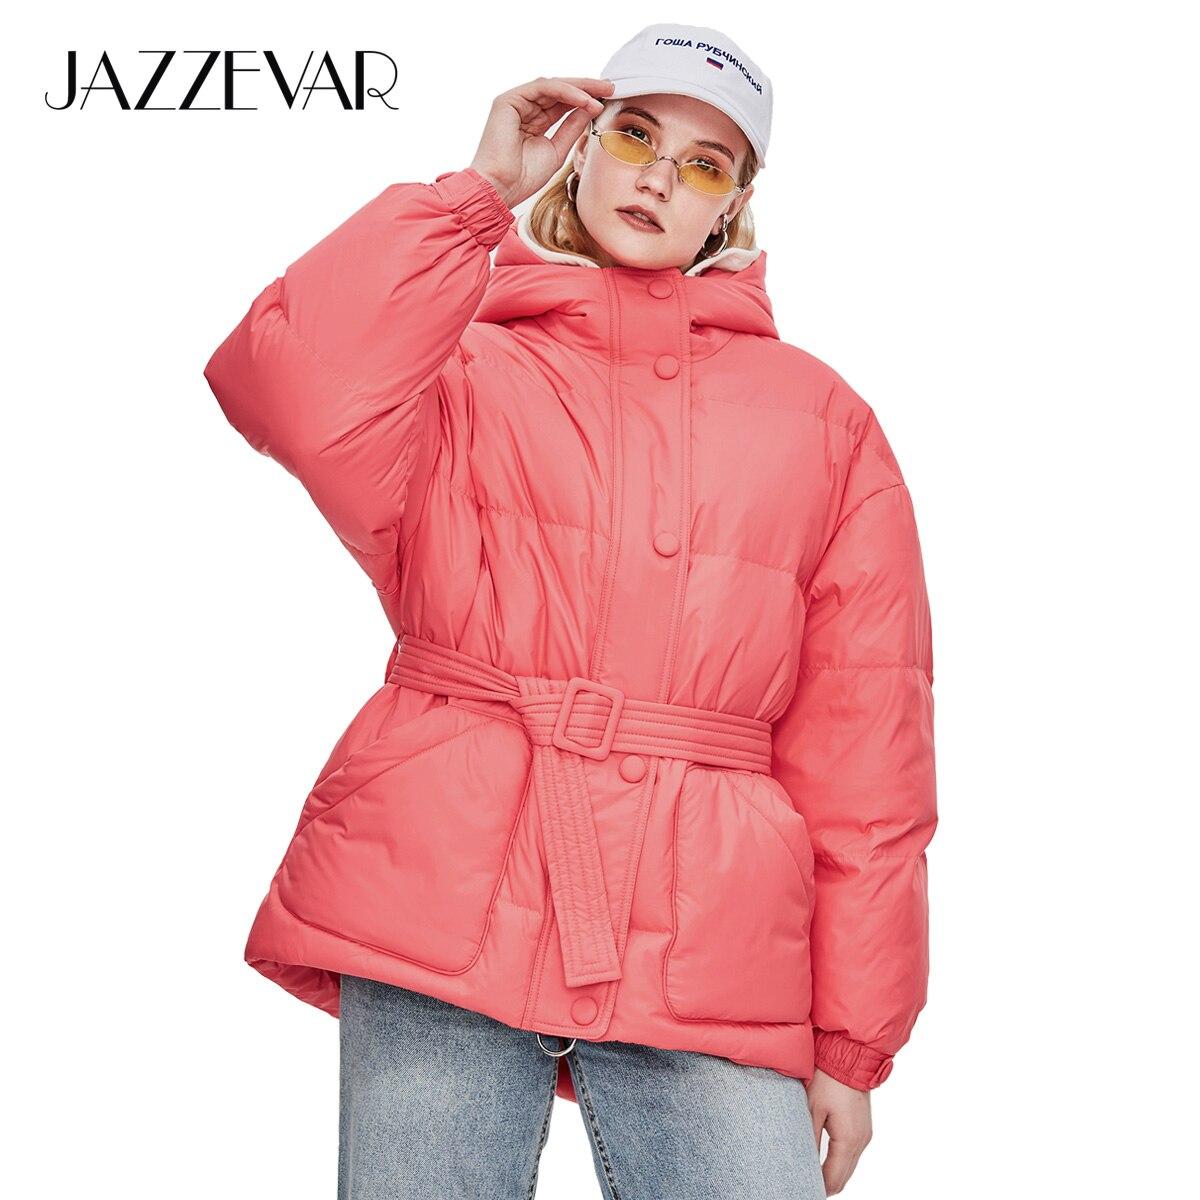 JAZZEVAR 2019 Winter New Fashion Street Designer Brand Womens 90 Duck Down Jacket Pretty Girls Outerwear